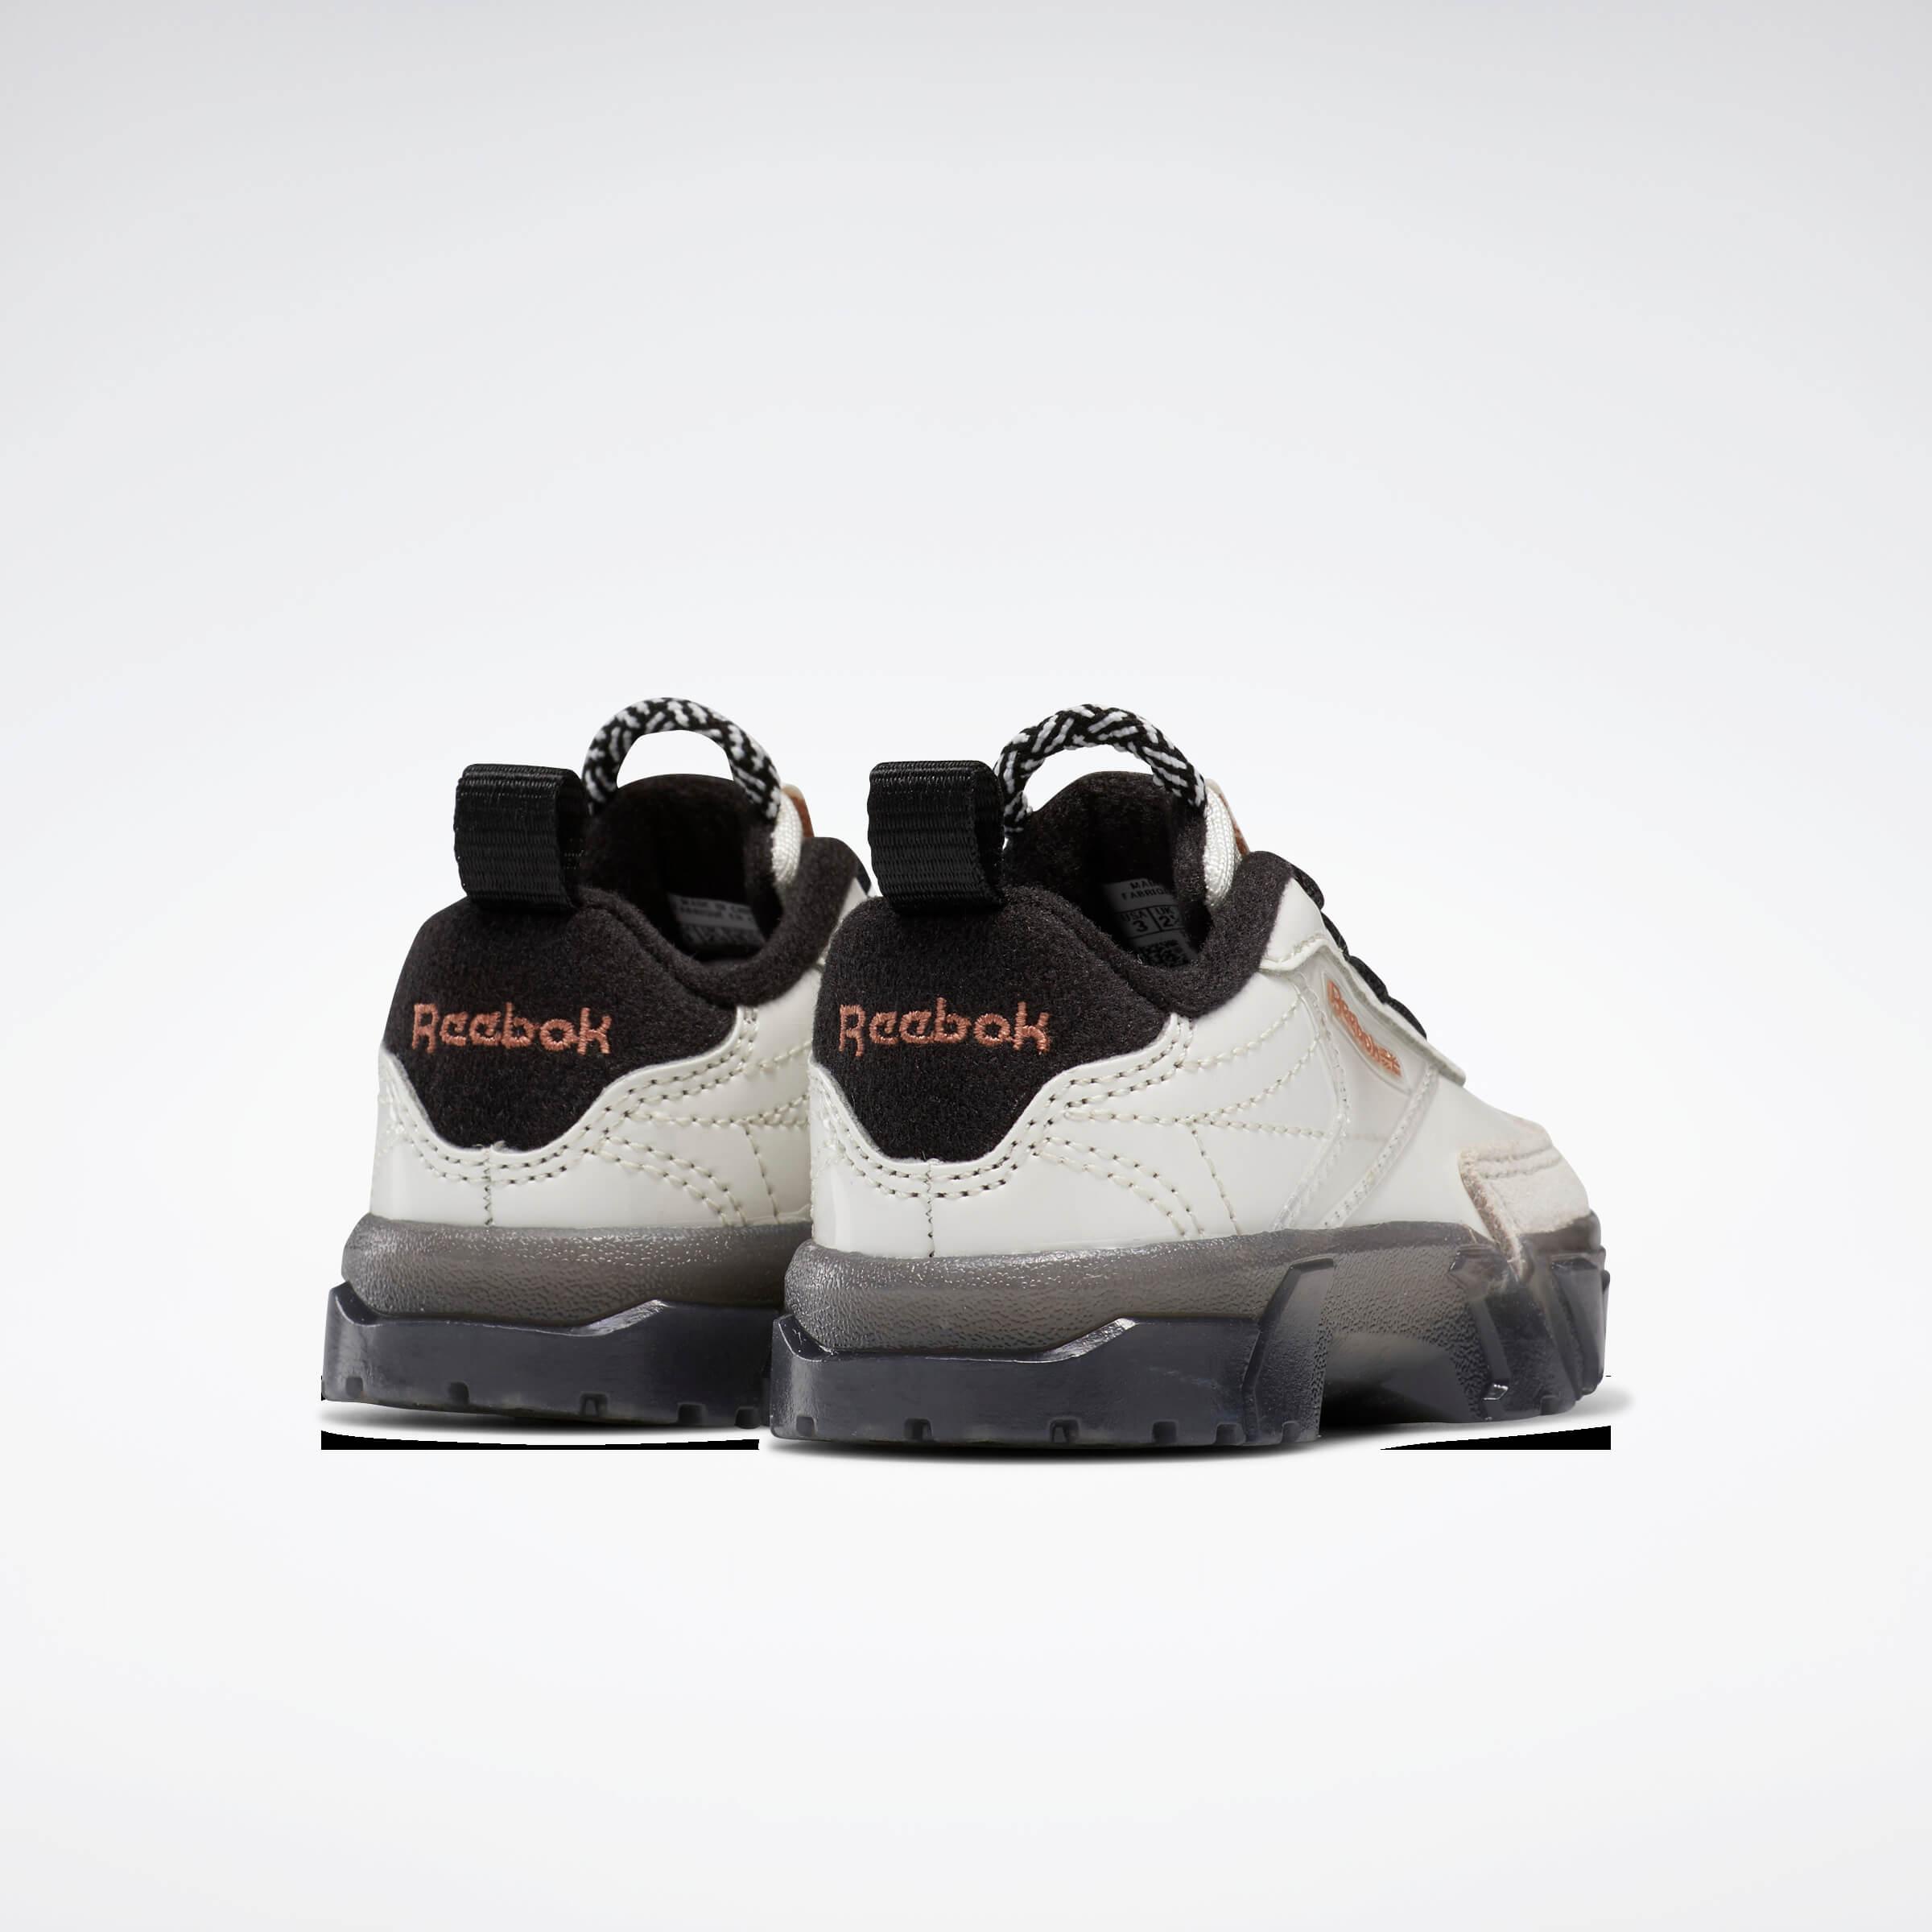 Reebok CLASSIC x Cardi B カーディ・B クラブ シー Cardi B Club C Shoes コラボ product back